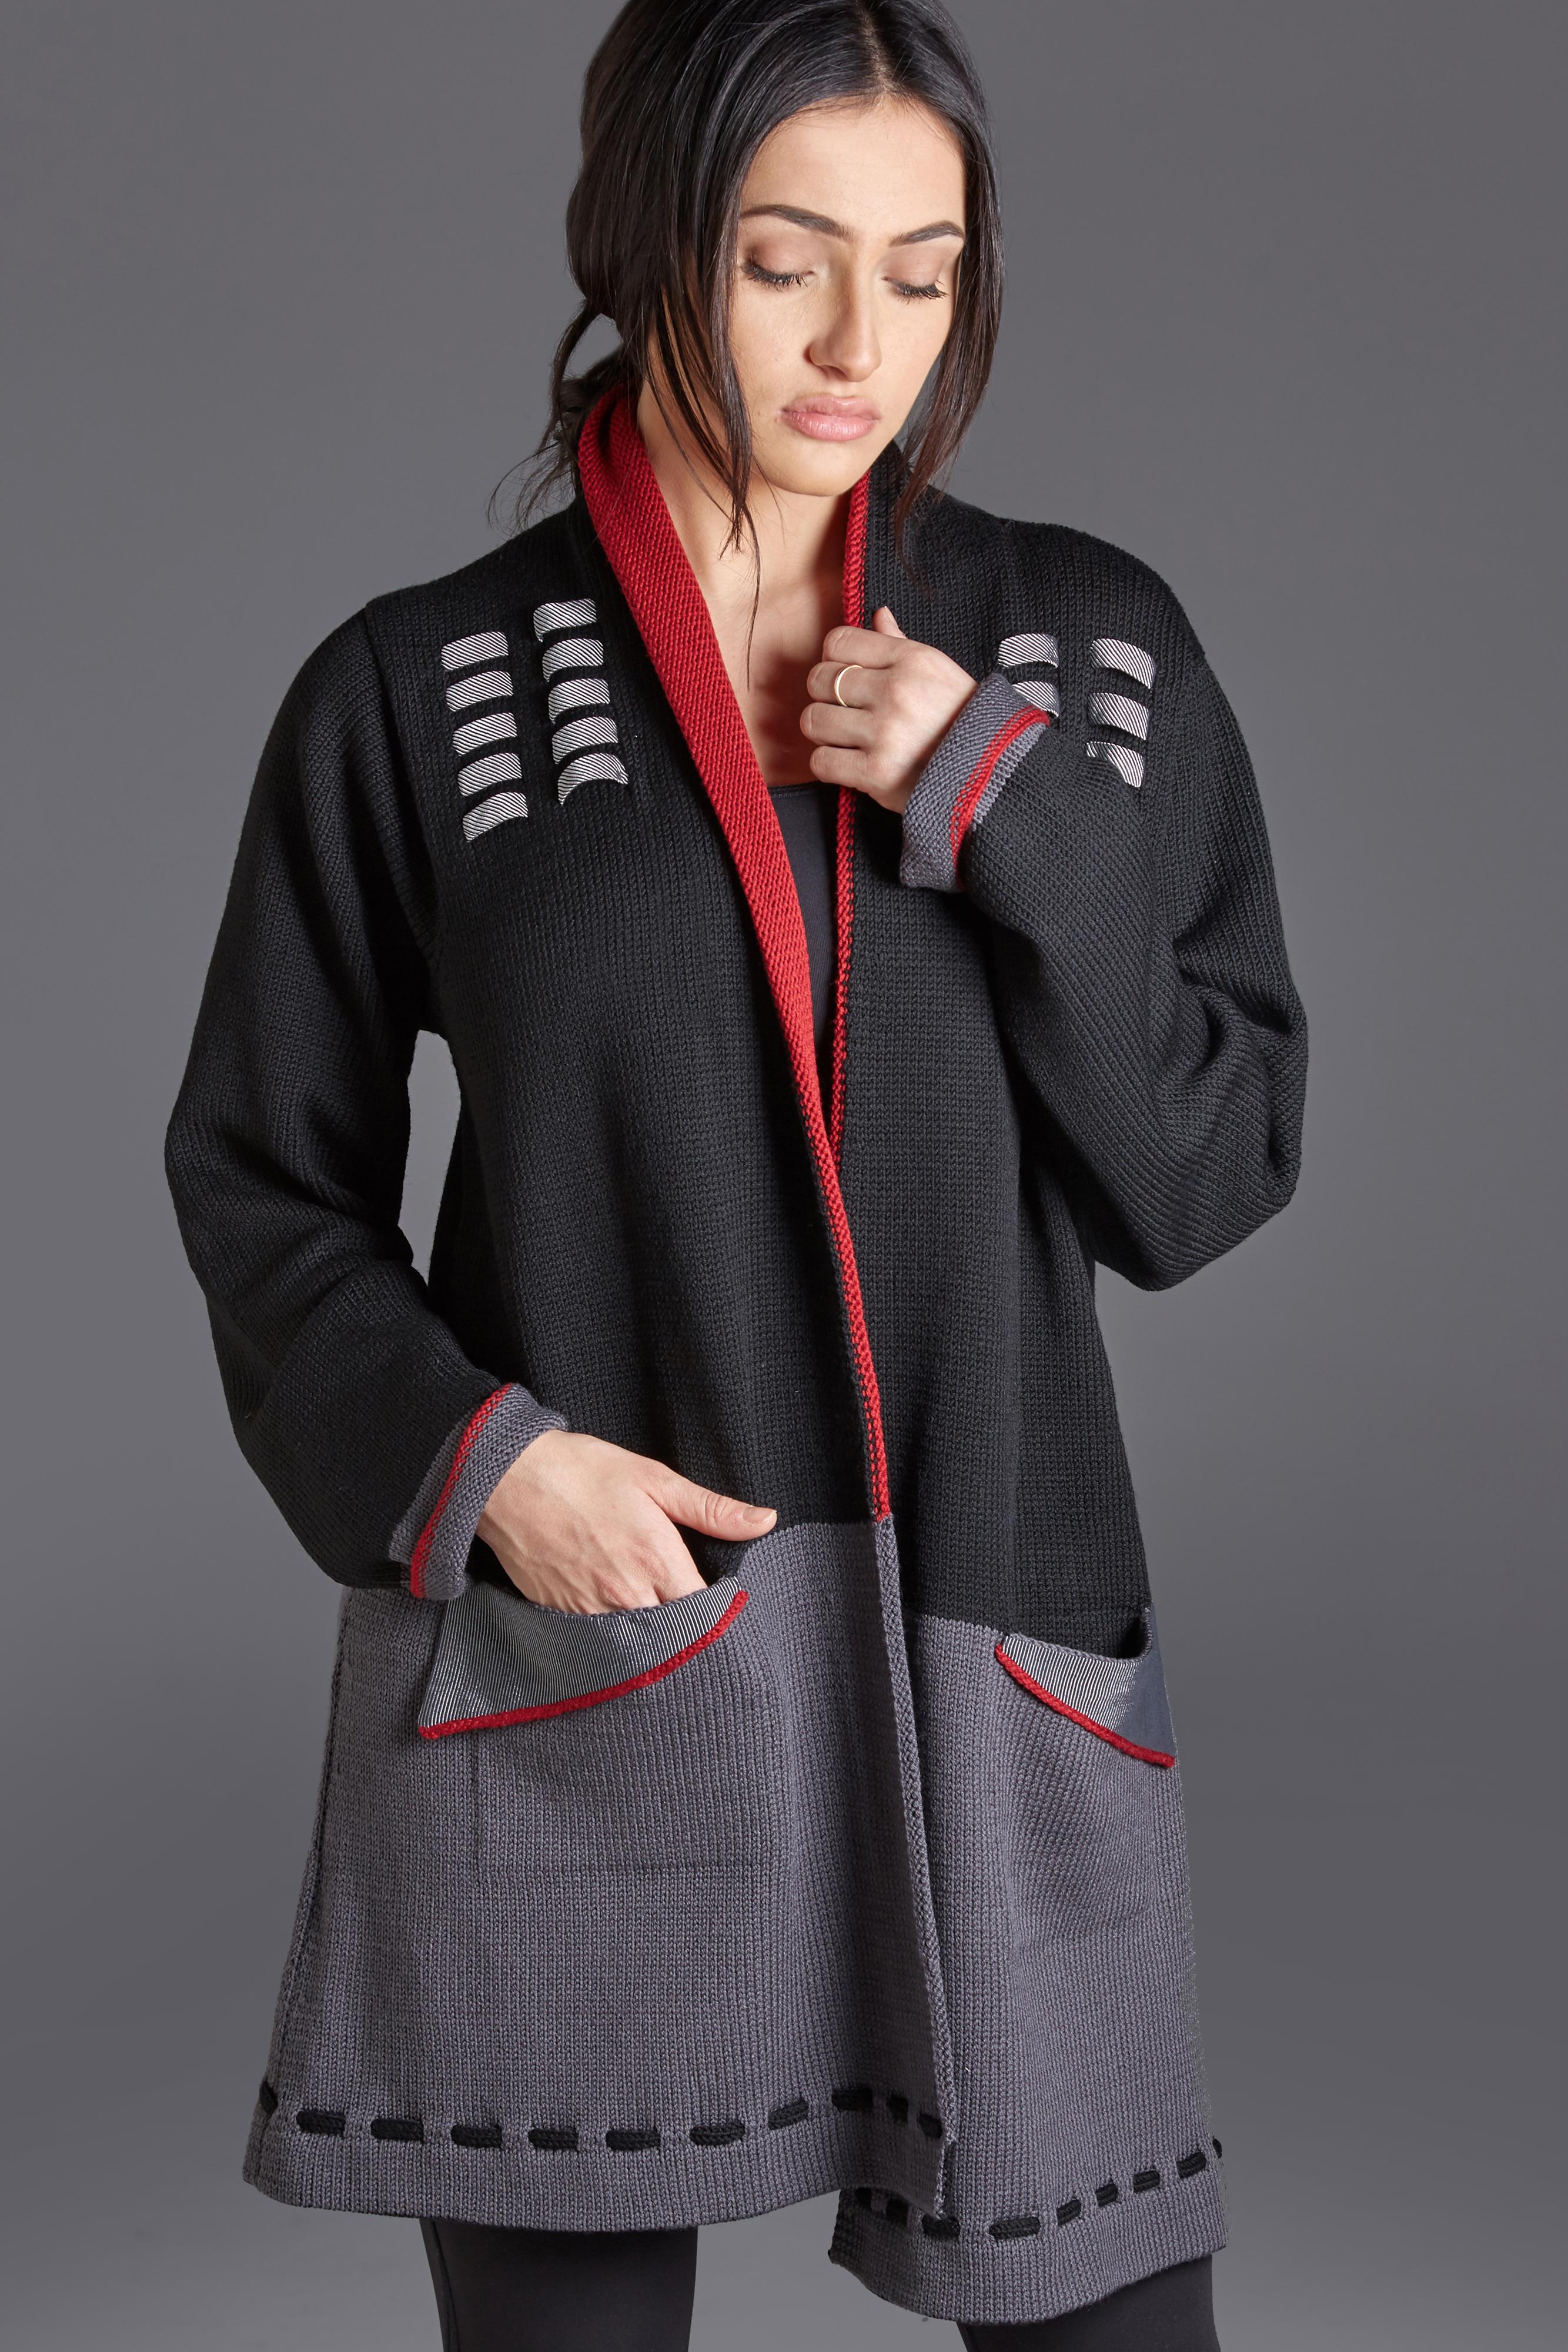 Red, black and gray merino wool coat